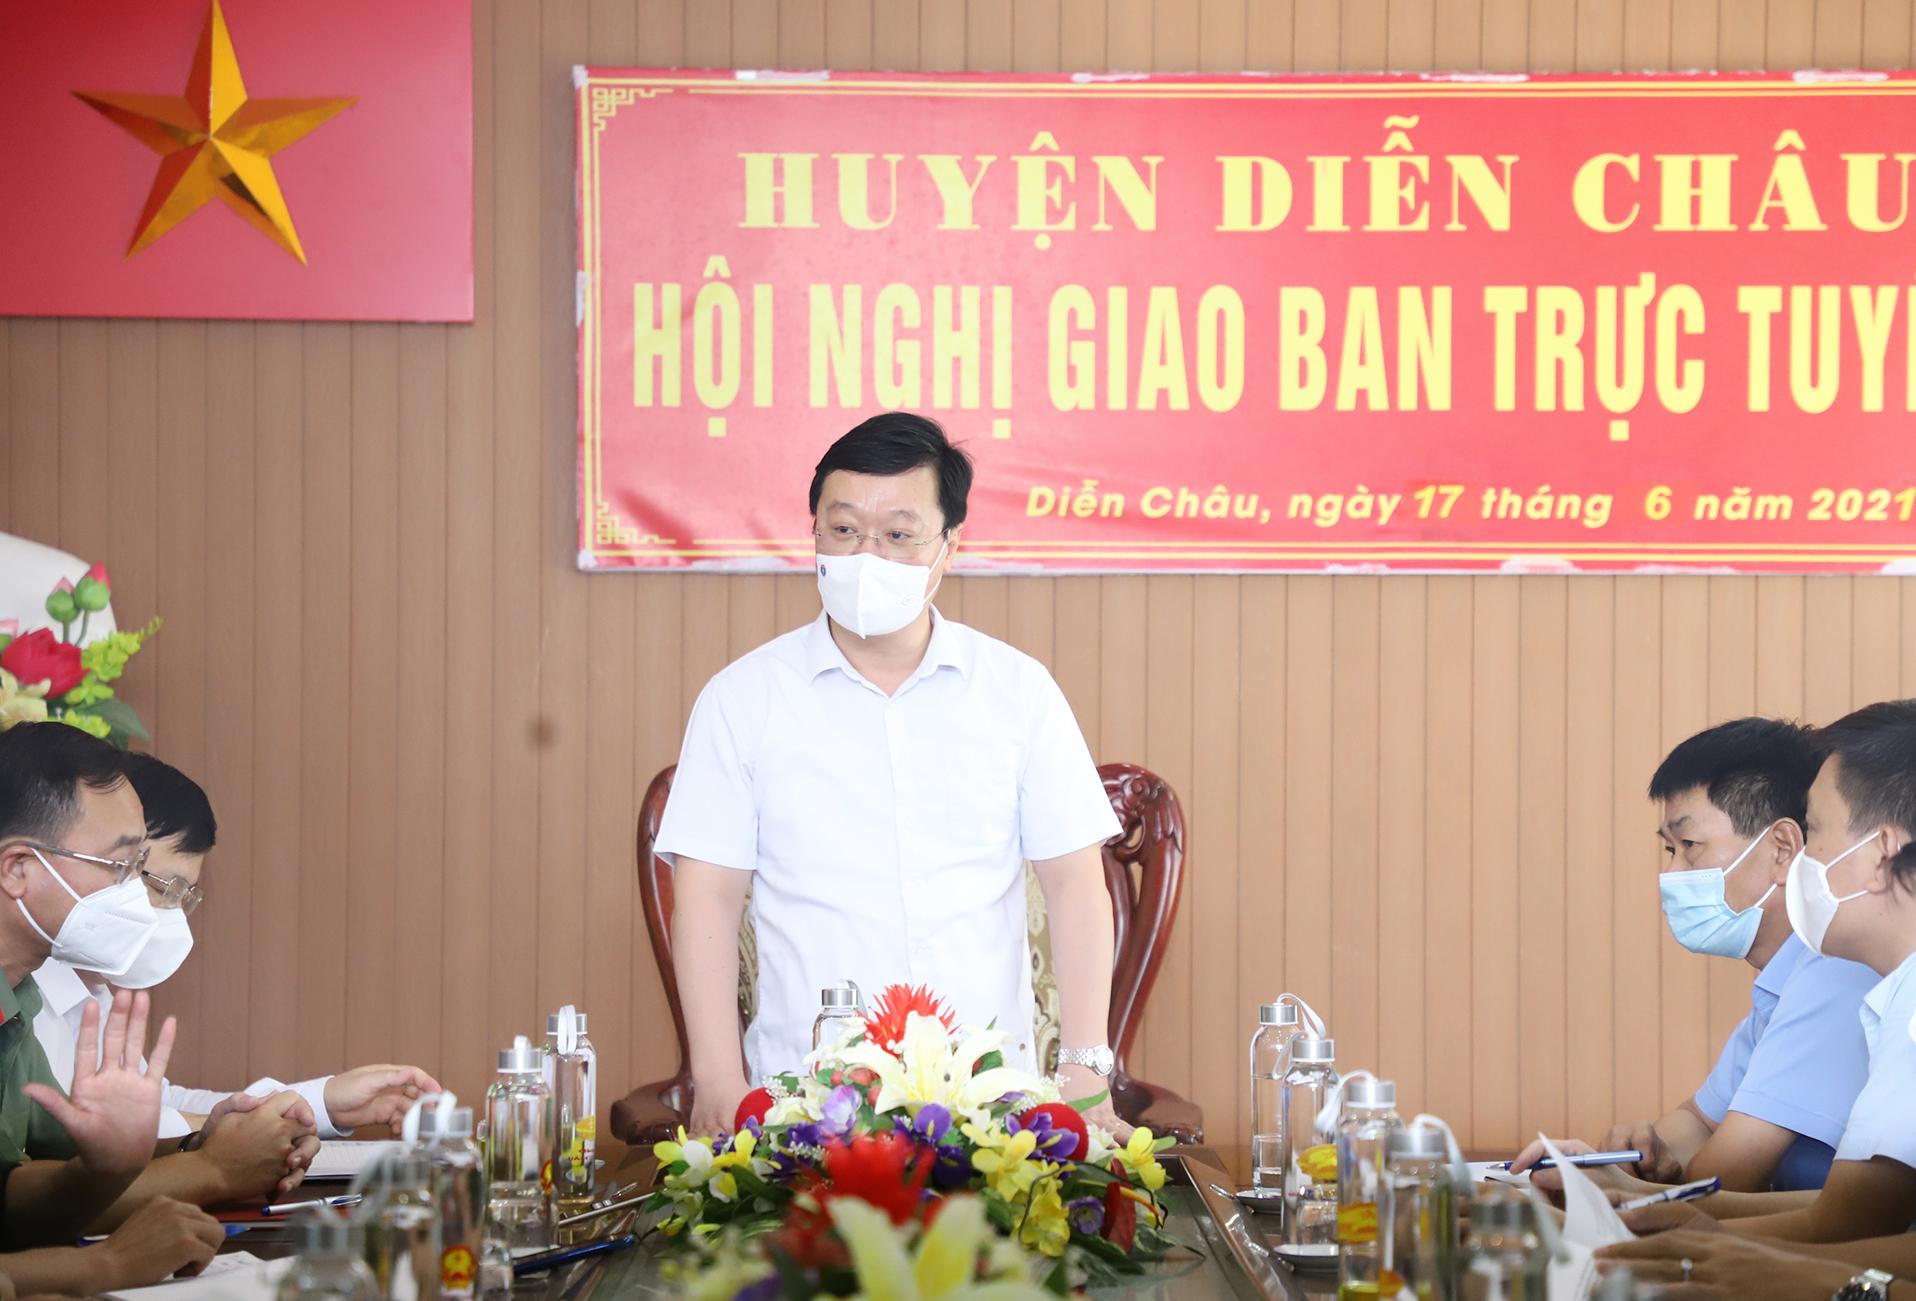 Chủ tịch tỉnh Nghệ An cảm ơn Bộ Tư lệnh Quân khu 4 điều động hàng trăm cán bộ, chiến sĩ giúp chống dịch - Ảnh 1.